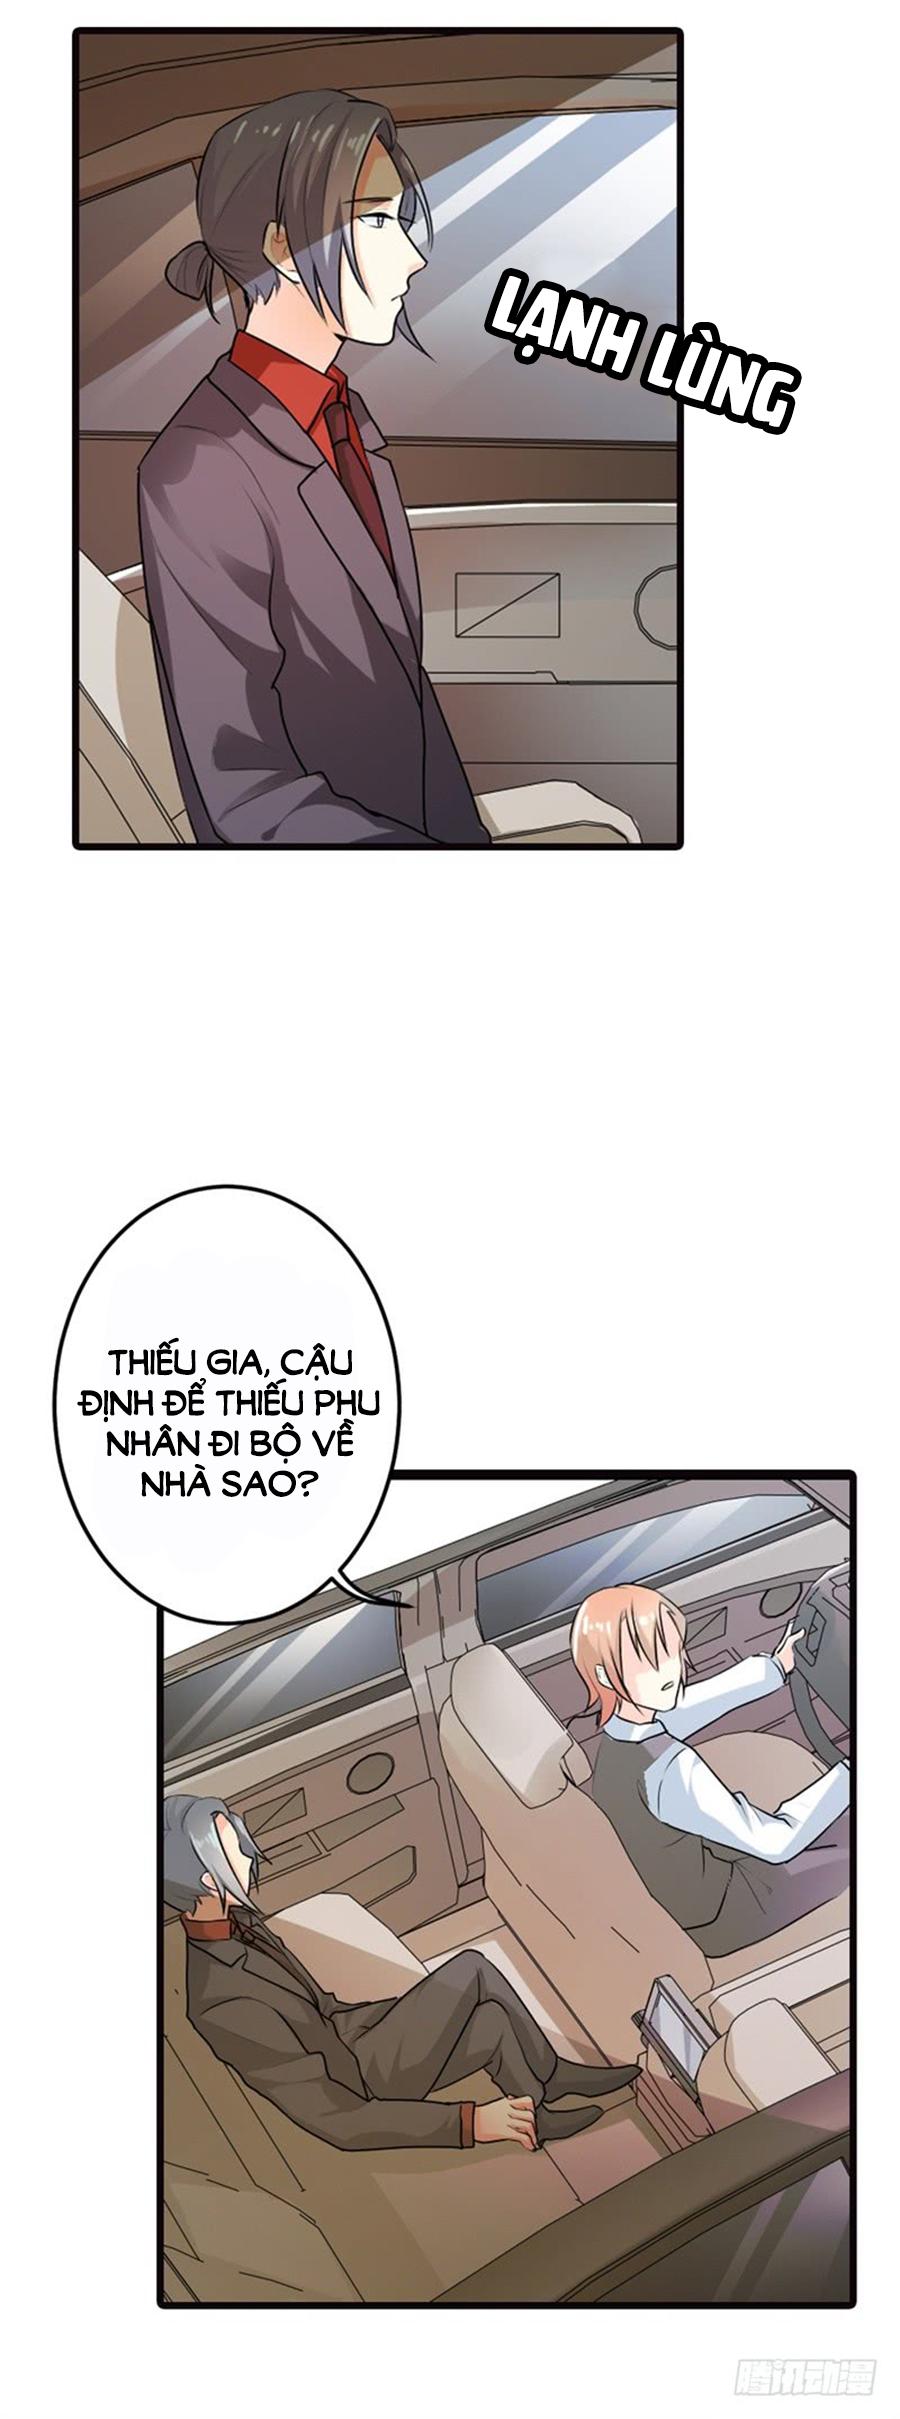 Ẩn Hôn Tân Nương - Chap 8